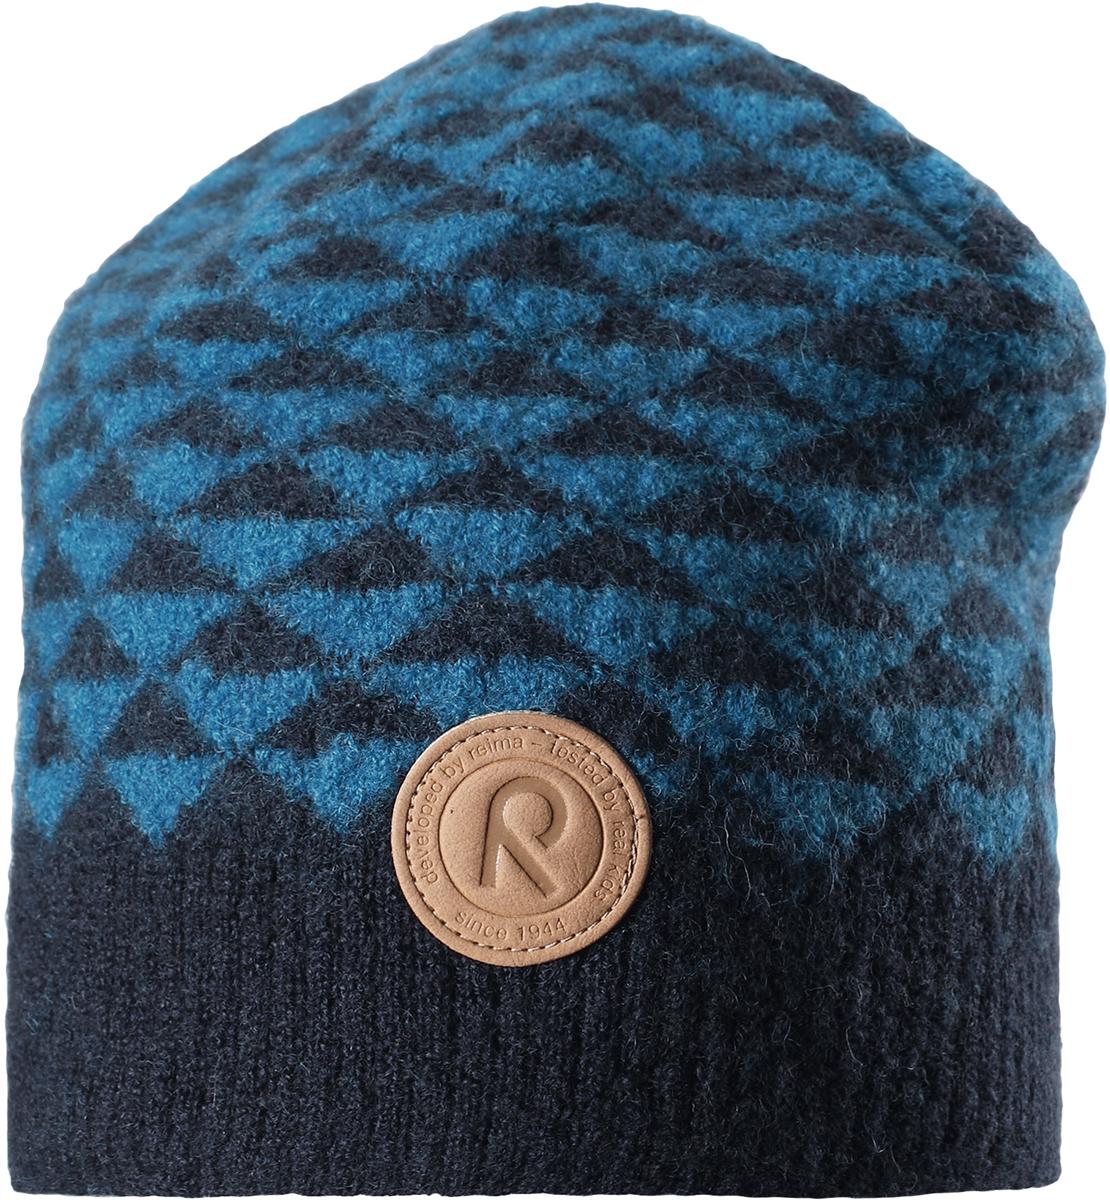 Шапка-бини детская Reima Kaamos, цвет: синий. 5285576740. Размер 505285576740Детская шапка из теплого шерстяного трикотажа Reima станет отличным вариантом на зимние холода. Материал превосходно регулирует температуру и хорошо согревает голову. Трикотажная подкладка в рубчик из смеси хлопка и эластана гарантирует тепло, а ветронепроницаемые вставки защищают уши. Модель имеет декоративную структурную вязку.